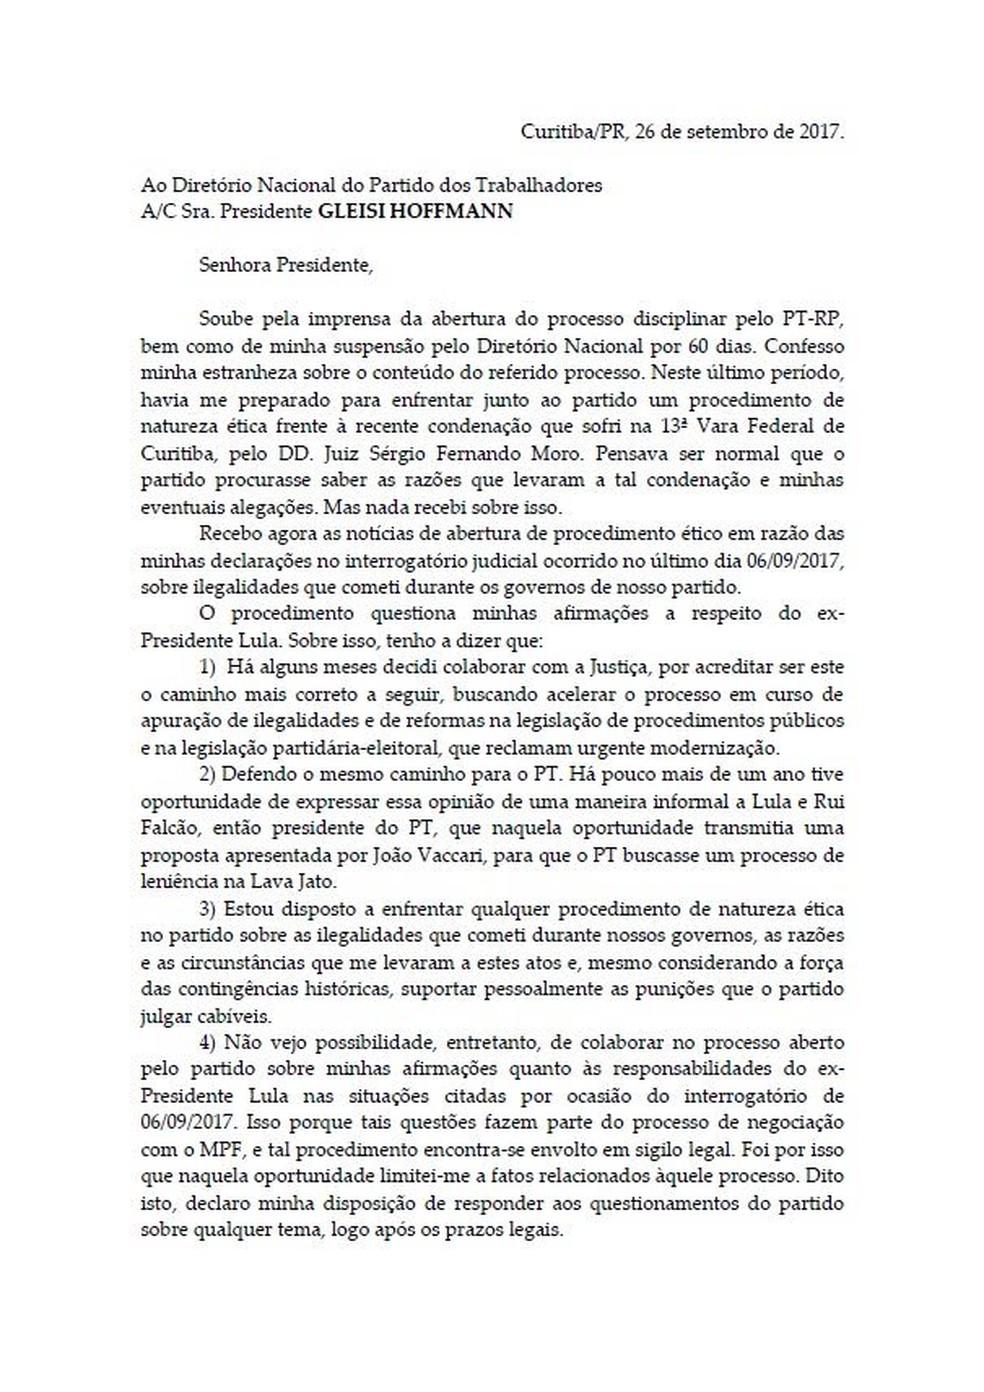 Carta Palocci — Foto: Reprodução